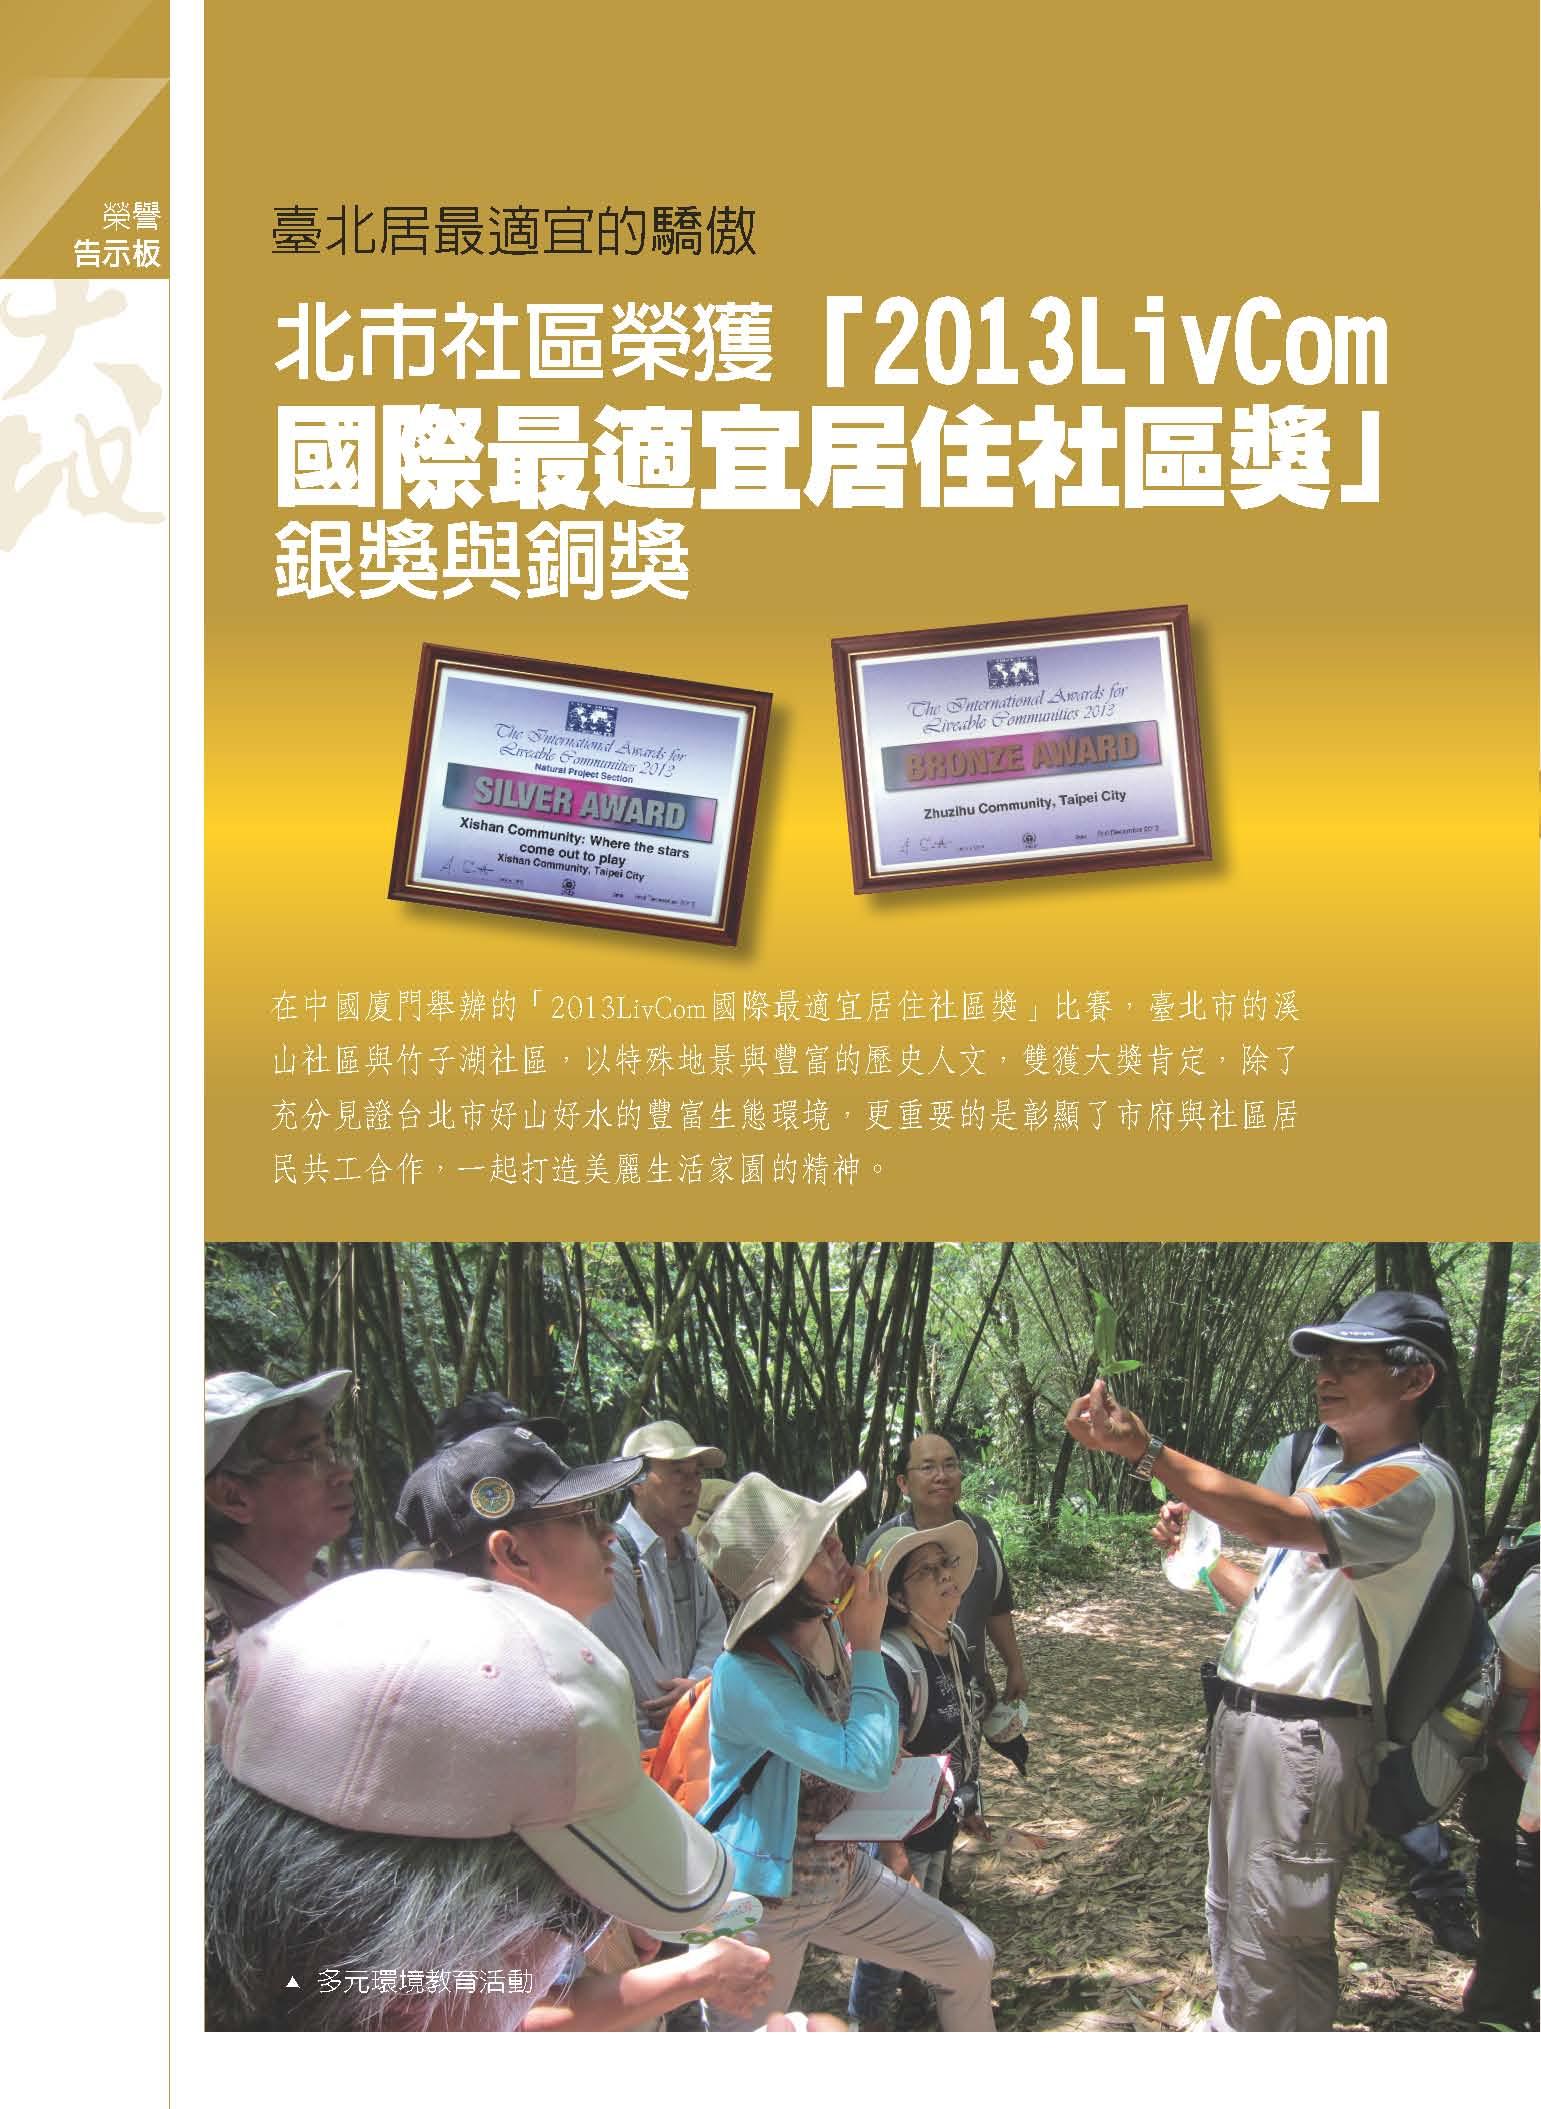 2013年LivCom國際最適宜居住社區獎 資料來源:大地季刊no.7